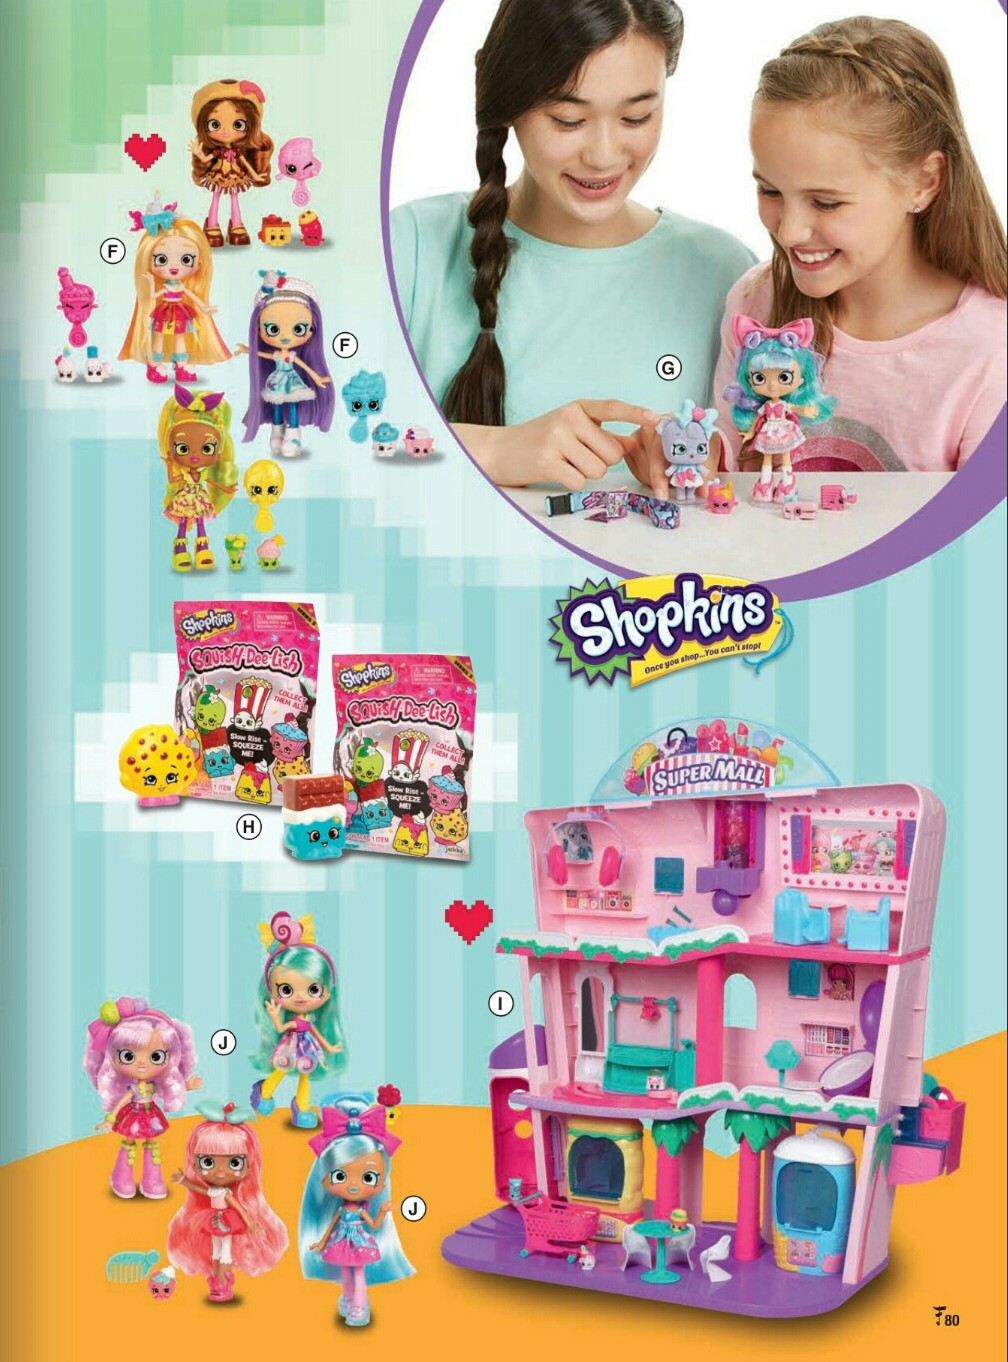 Catalogo juguetes Felix B Maduro 2018 p80